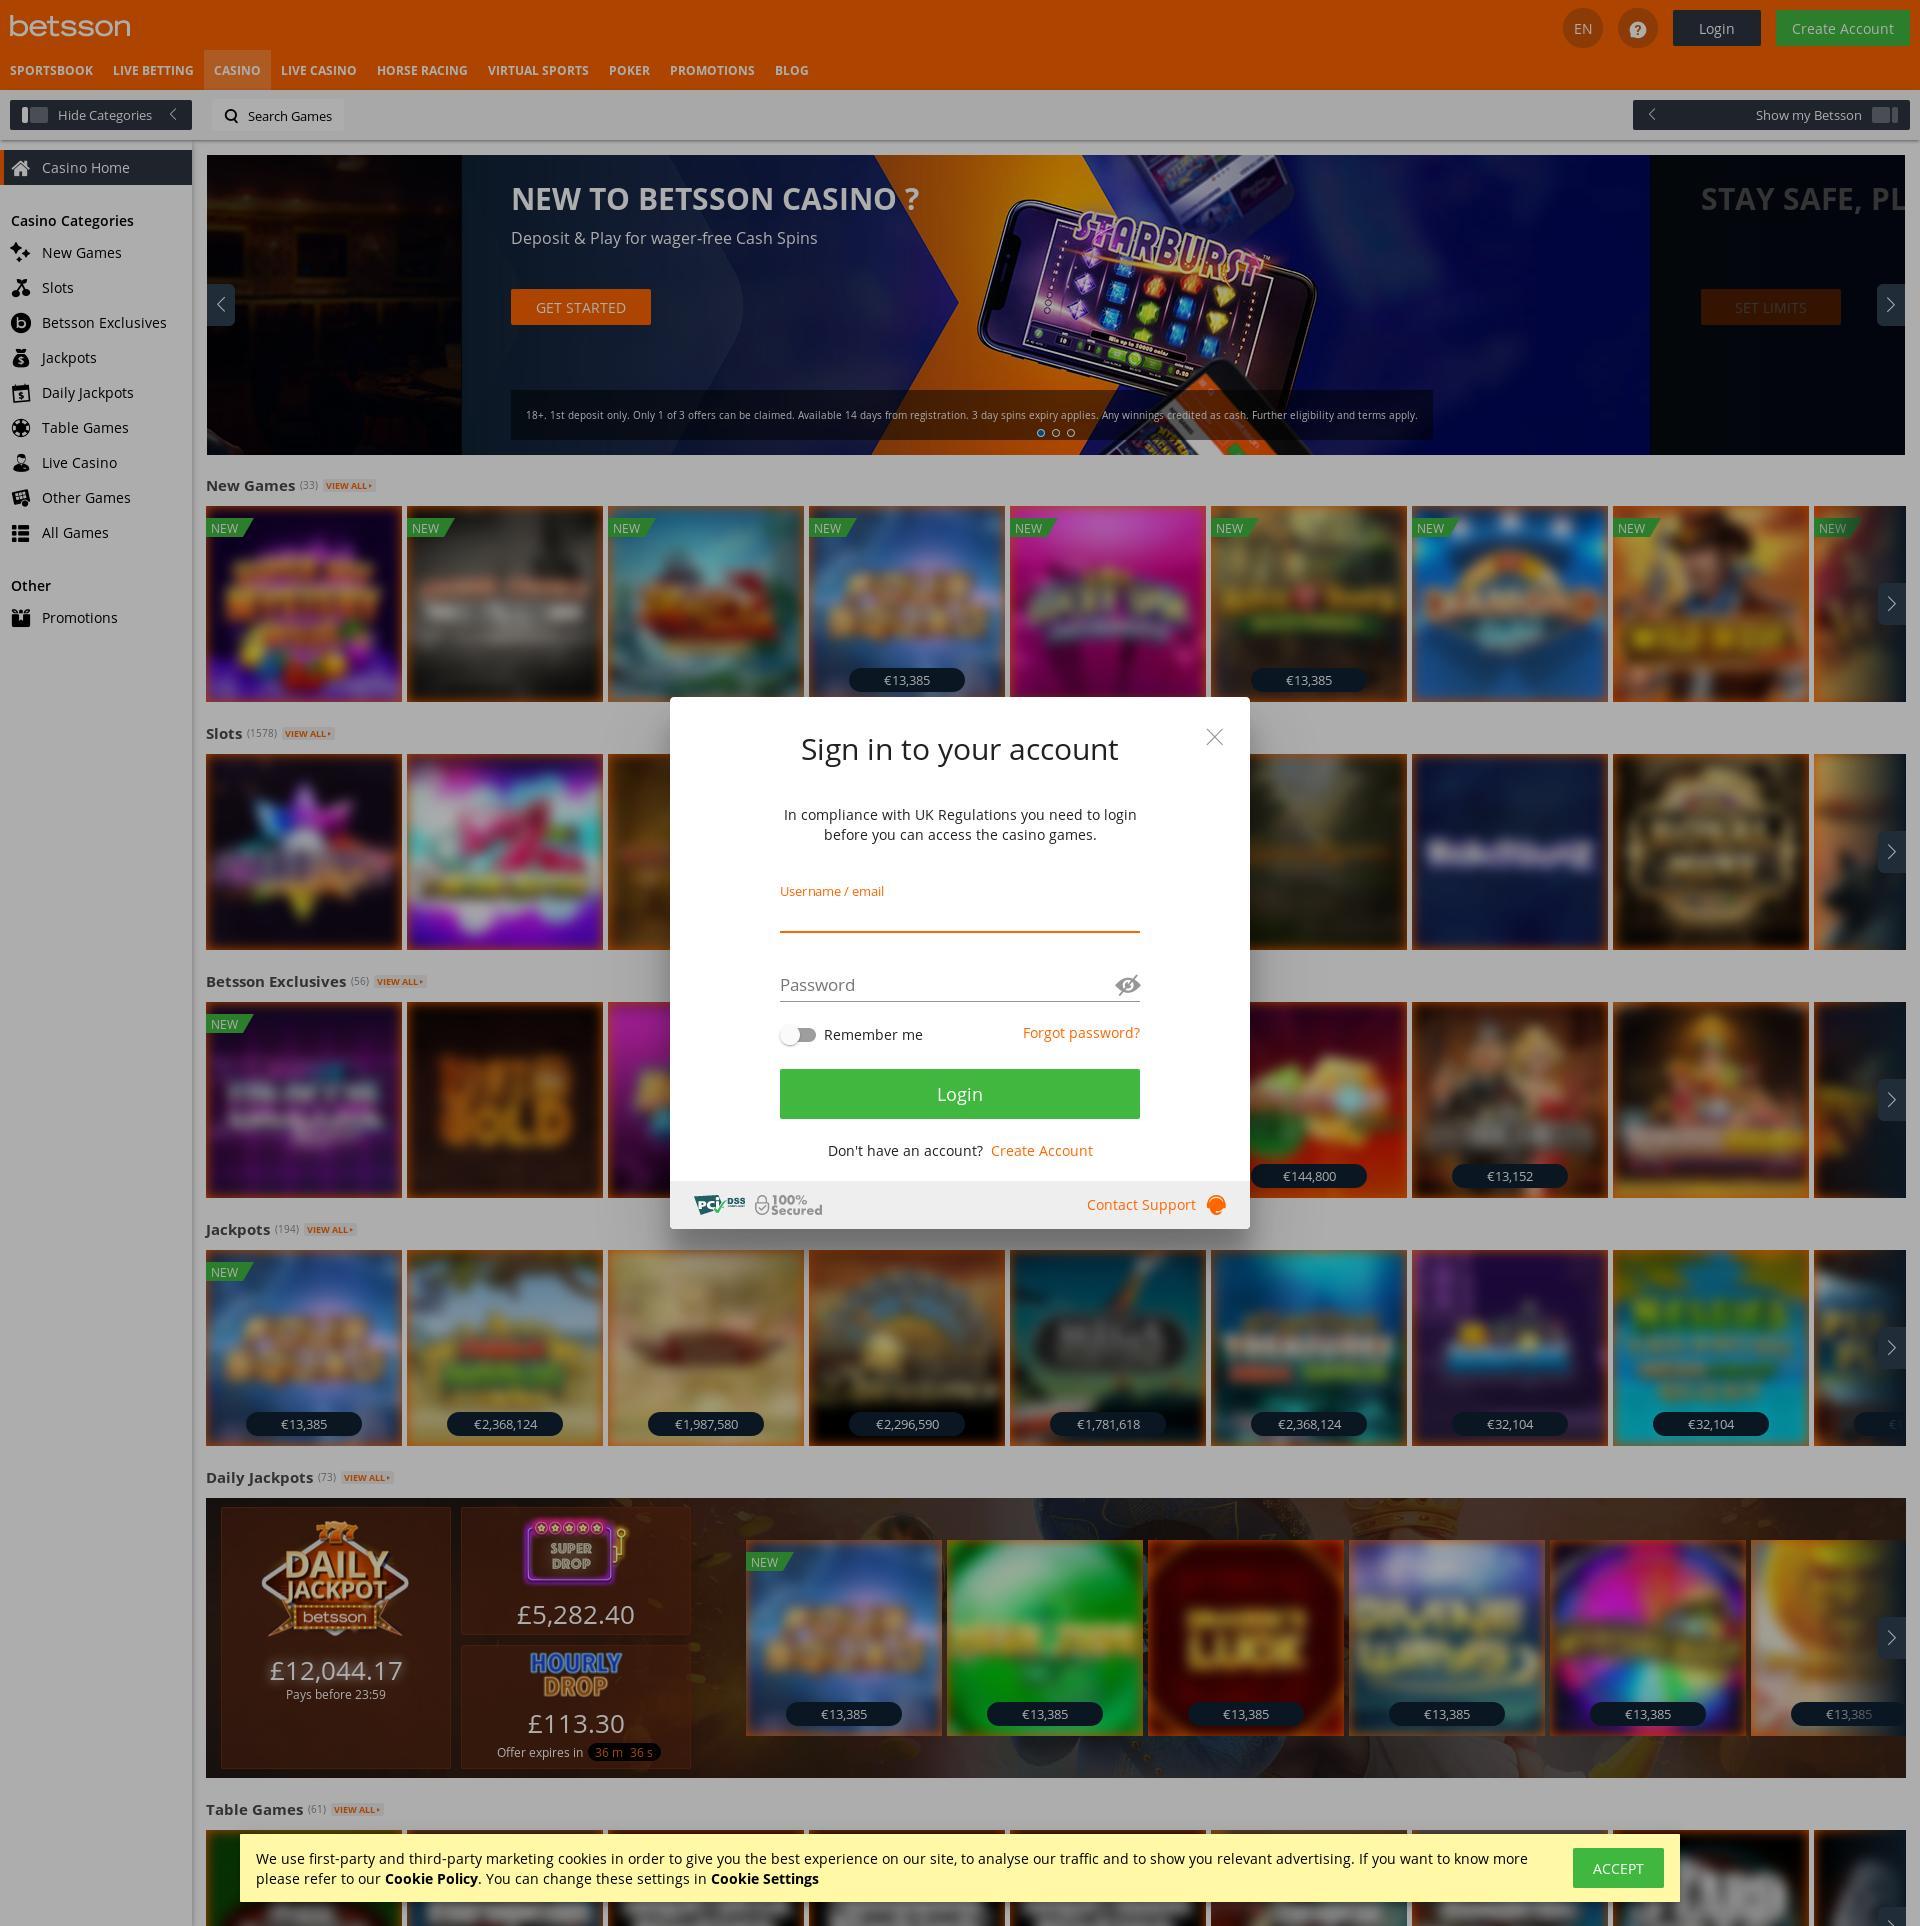 Casino screen Lobby 2020-05-30 pentru Regatul Unit